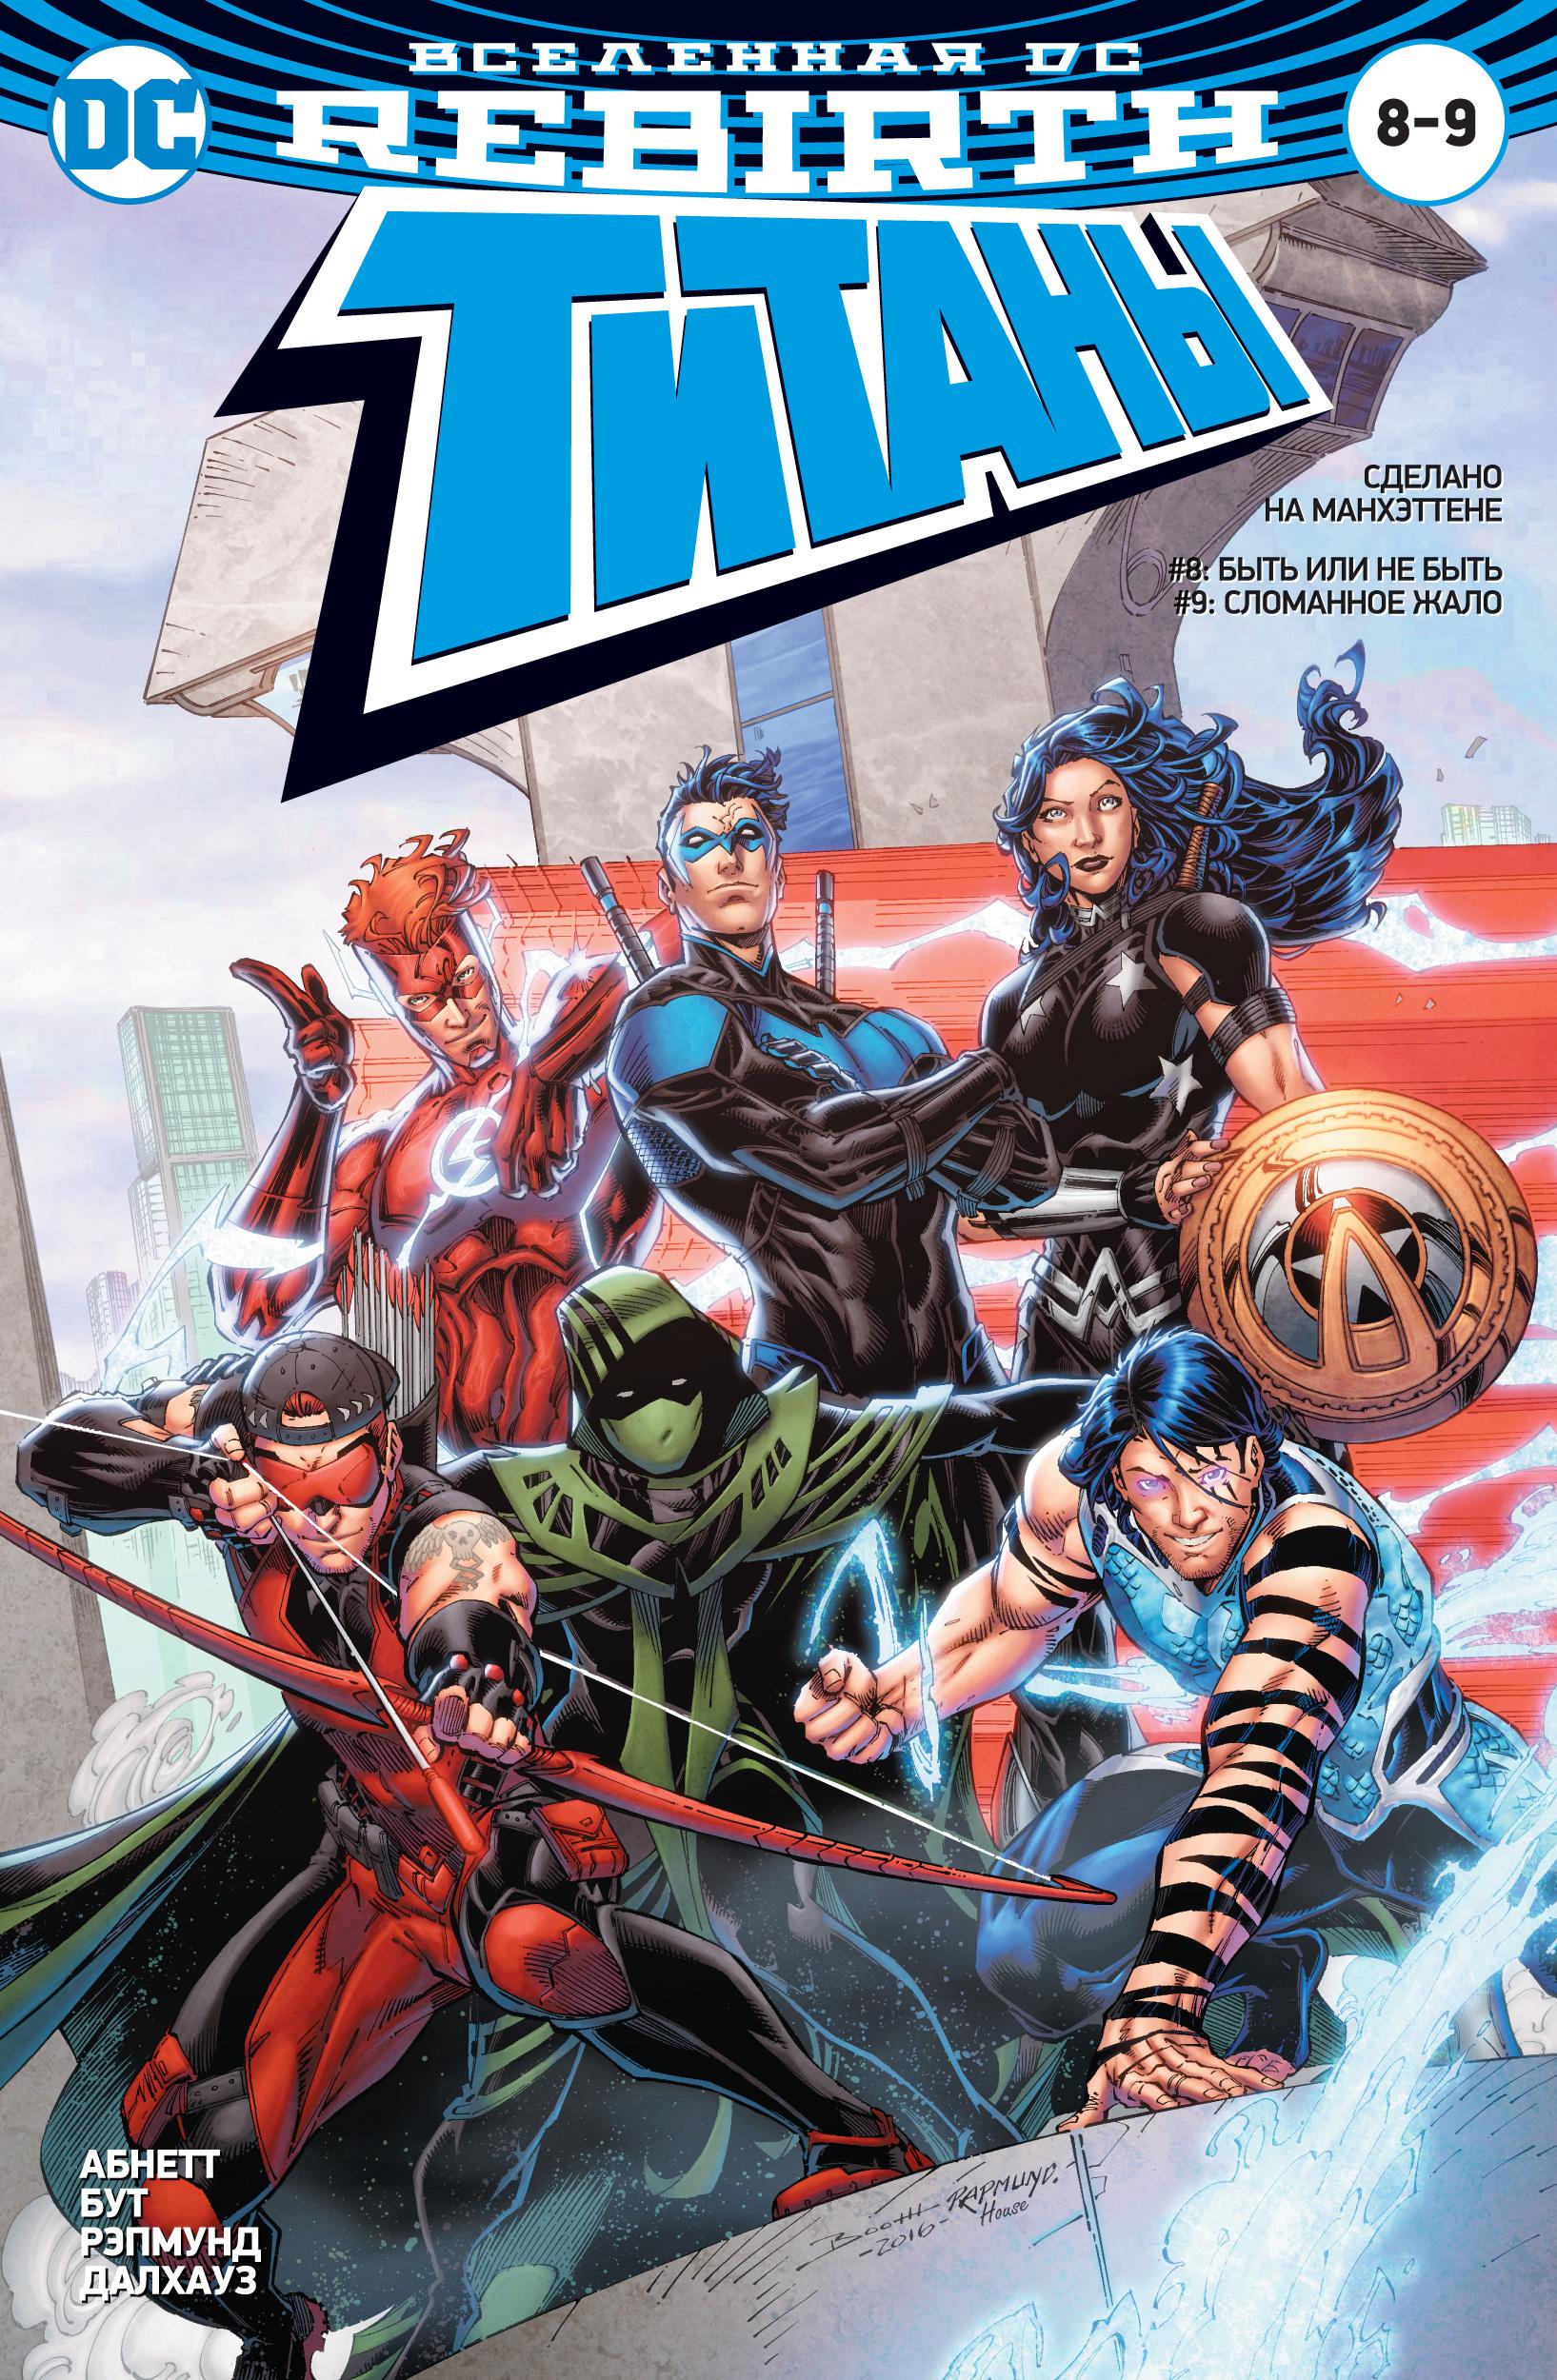 Вселенная DC. Rebirth. Титаны #8-9 / Красный Колпак и Изгои #4 ( Абнетт Д., Лобделл С.  )